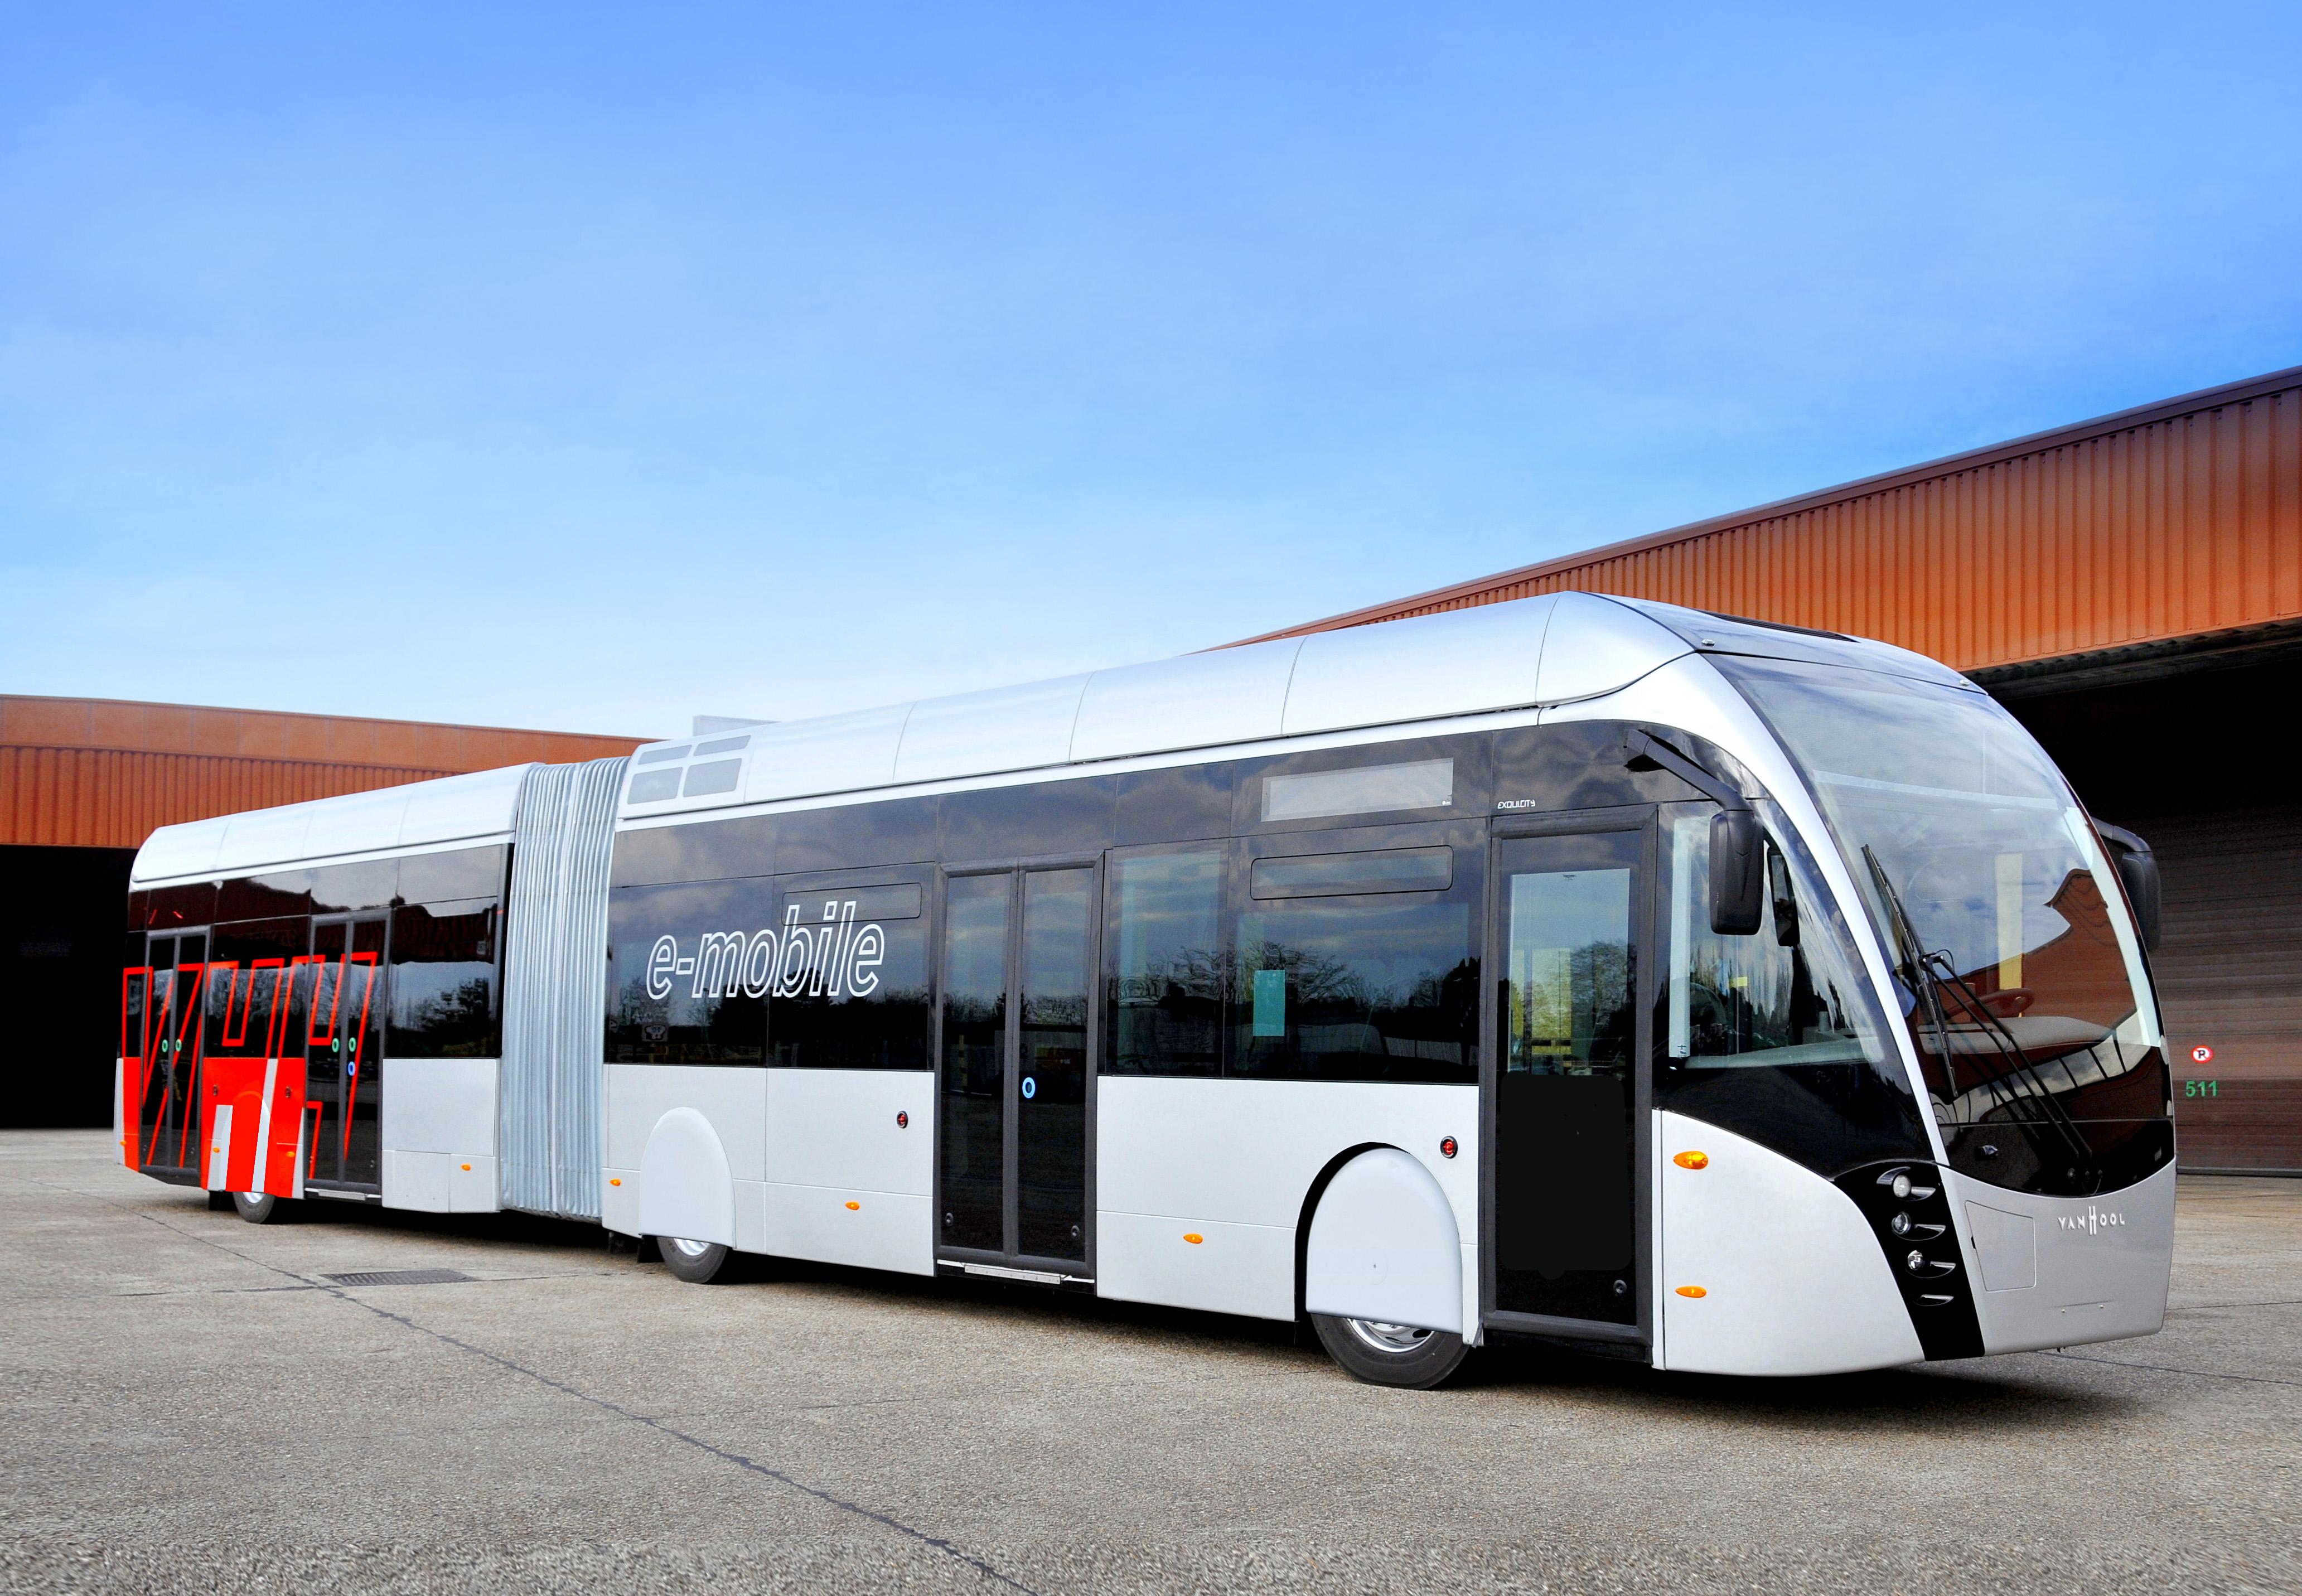 Van Hool Bus >> Belgian Vanhool Buses To Be Produced In Kyzylorda